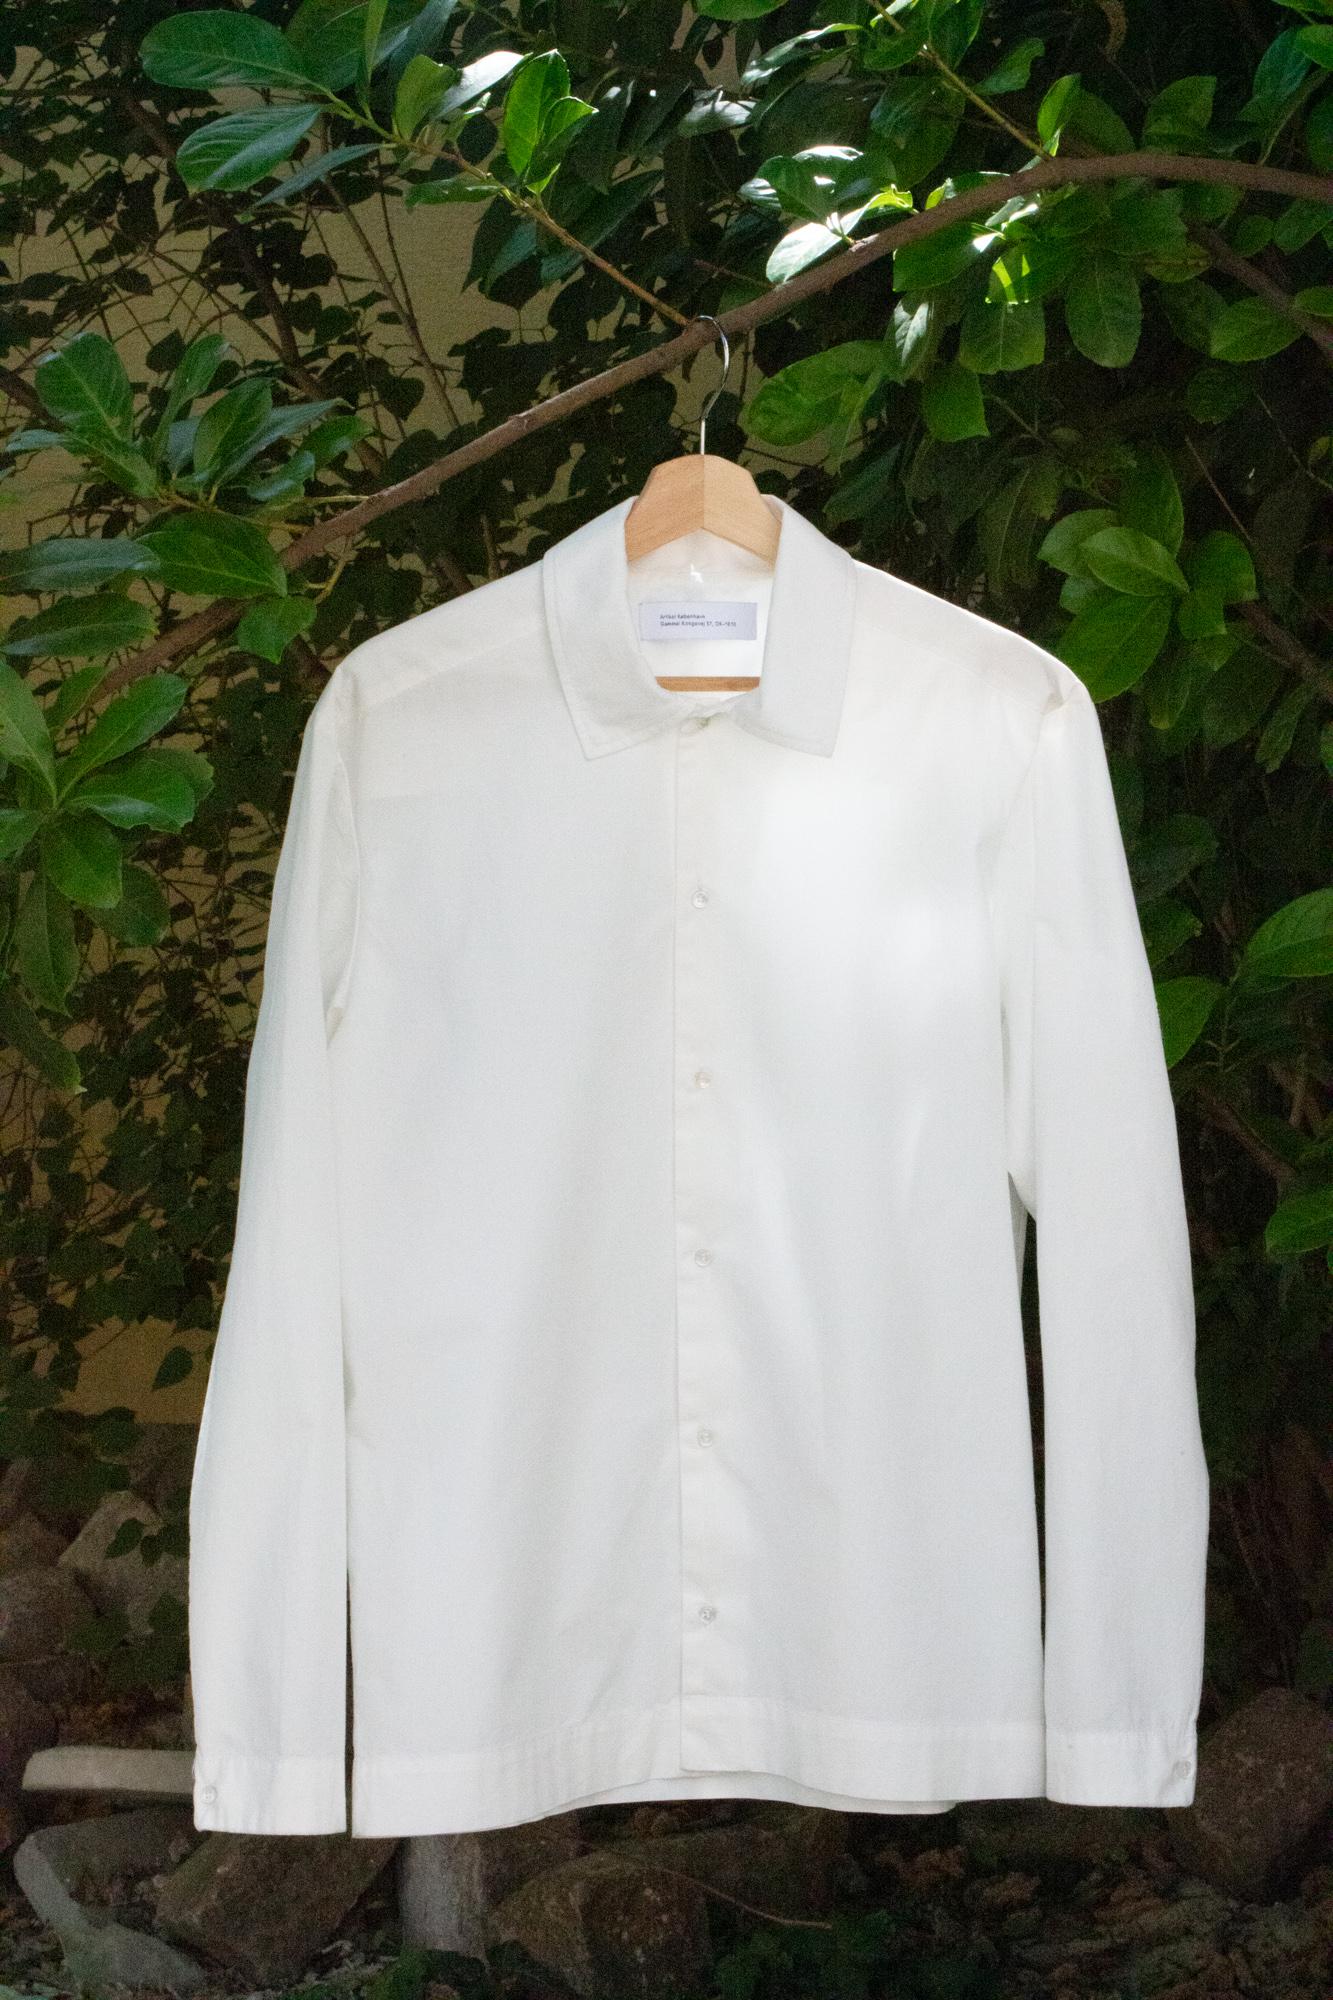 Shirt from Italian deadstock fabric by Artikel København, produced in Copenhagen.